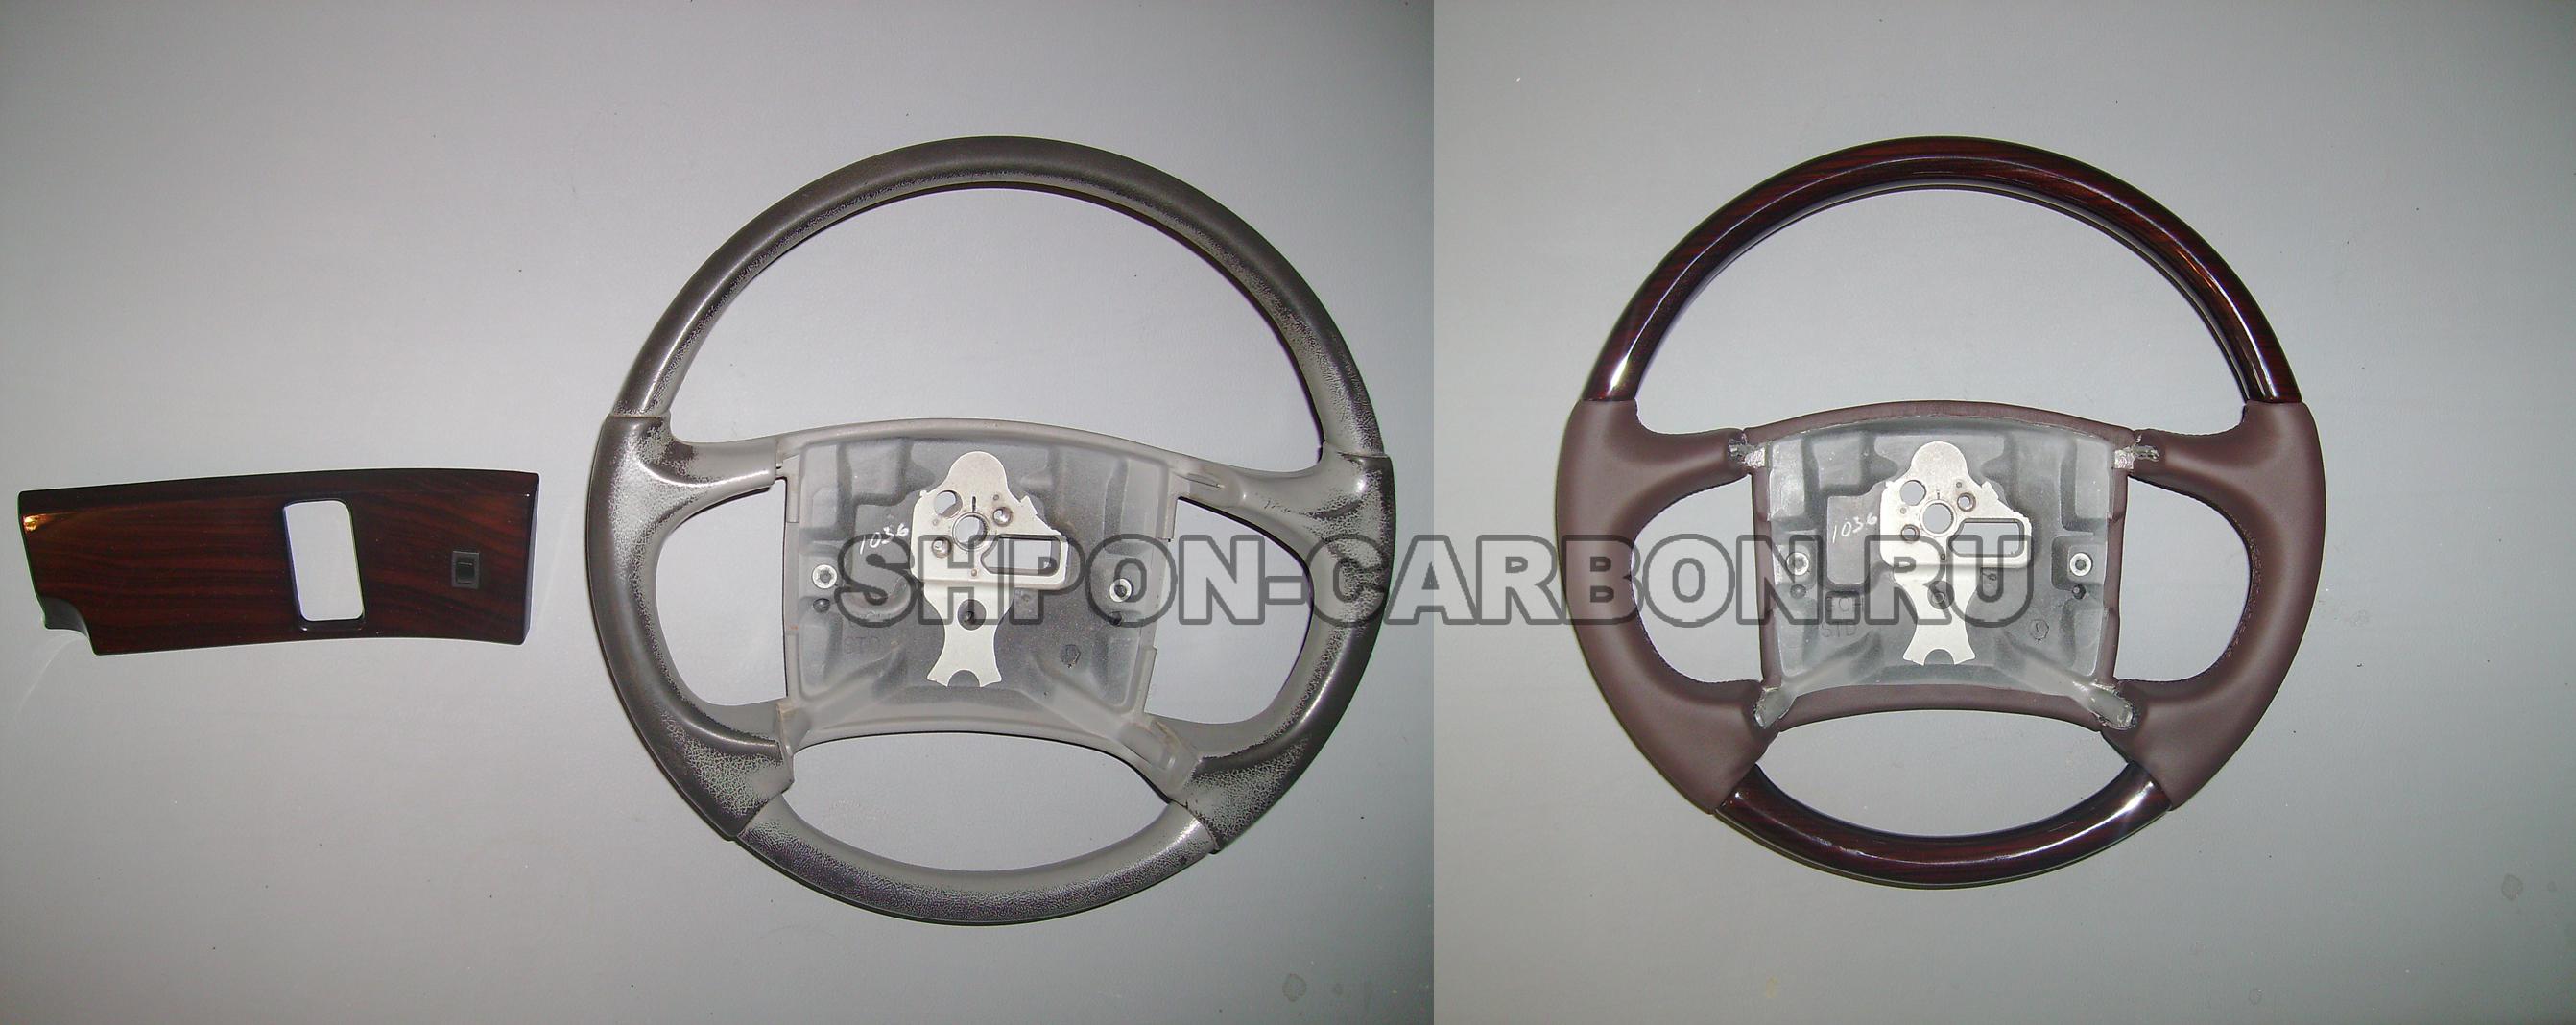 Изготовление декоративных вставок из натурального шпона (дерева) + перетяжка руля в кожу Buick (Бьюик)